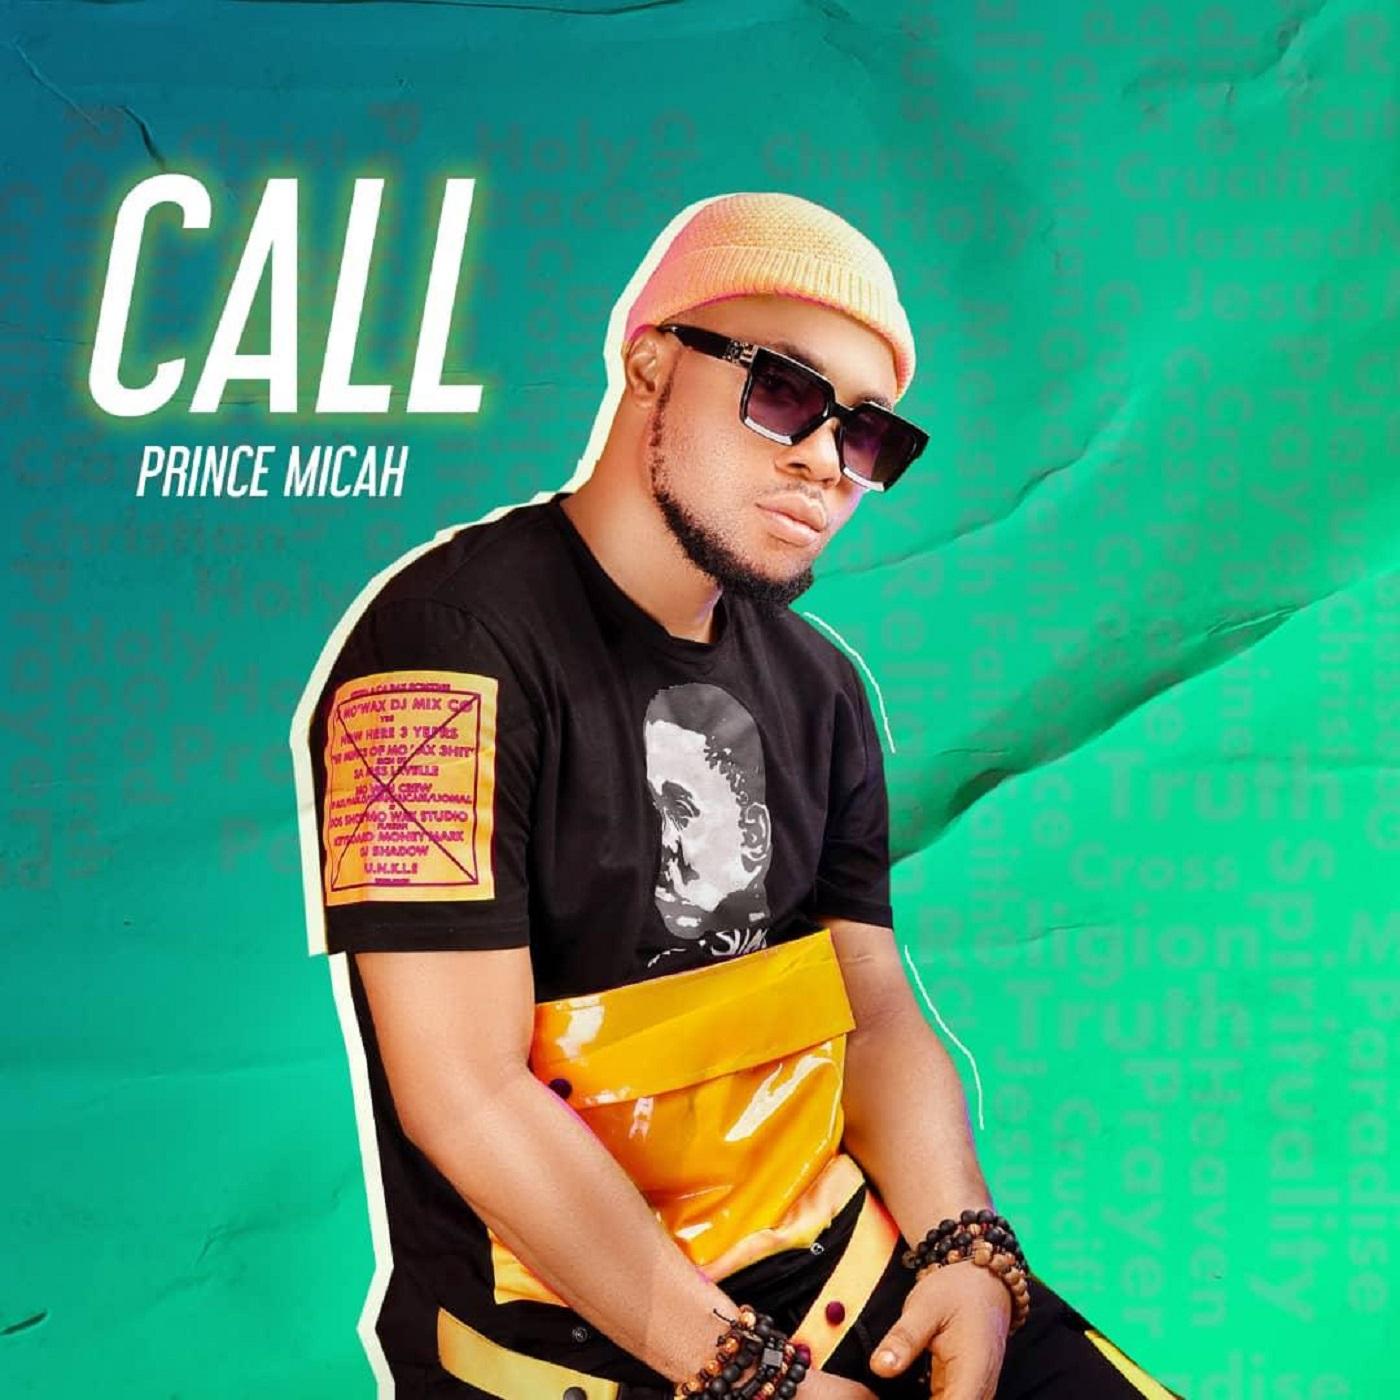 Prince Micah - Call